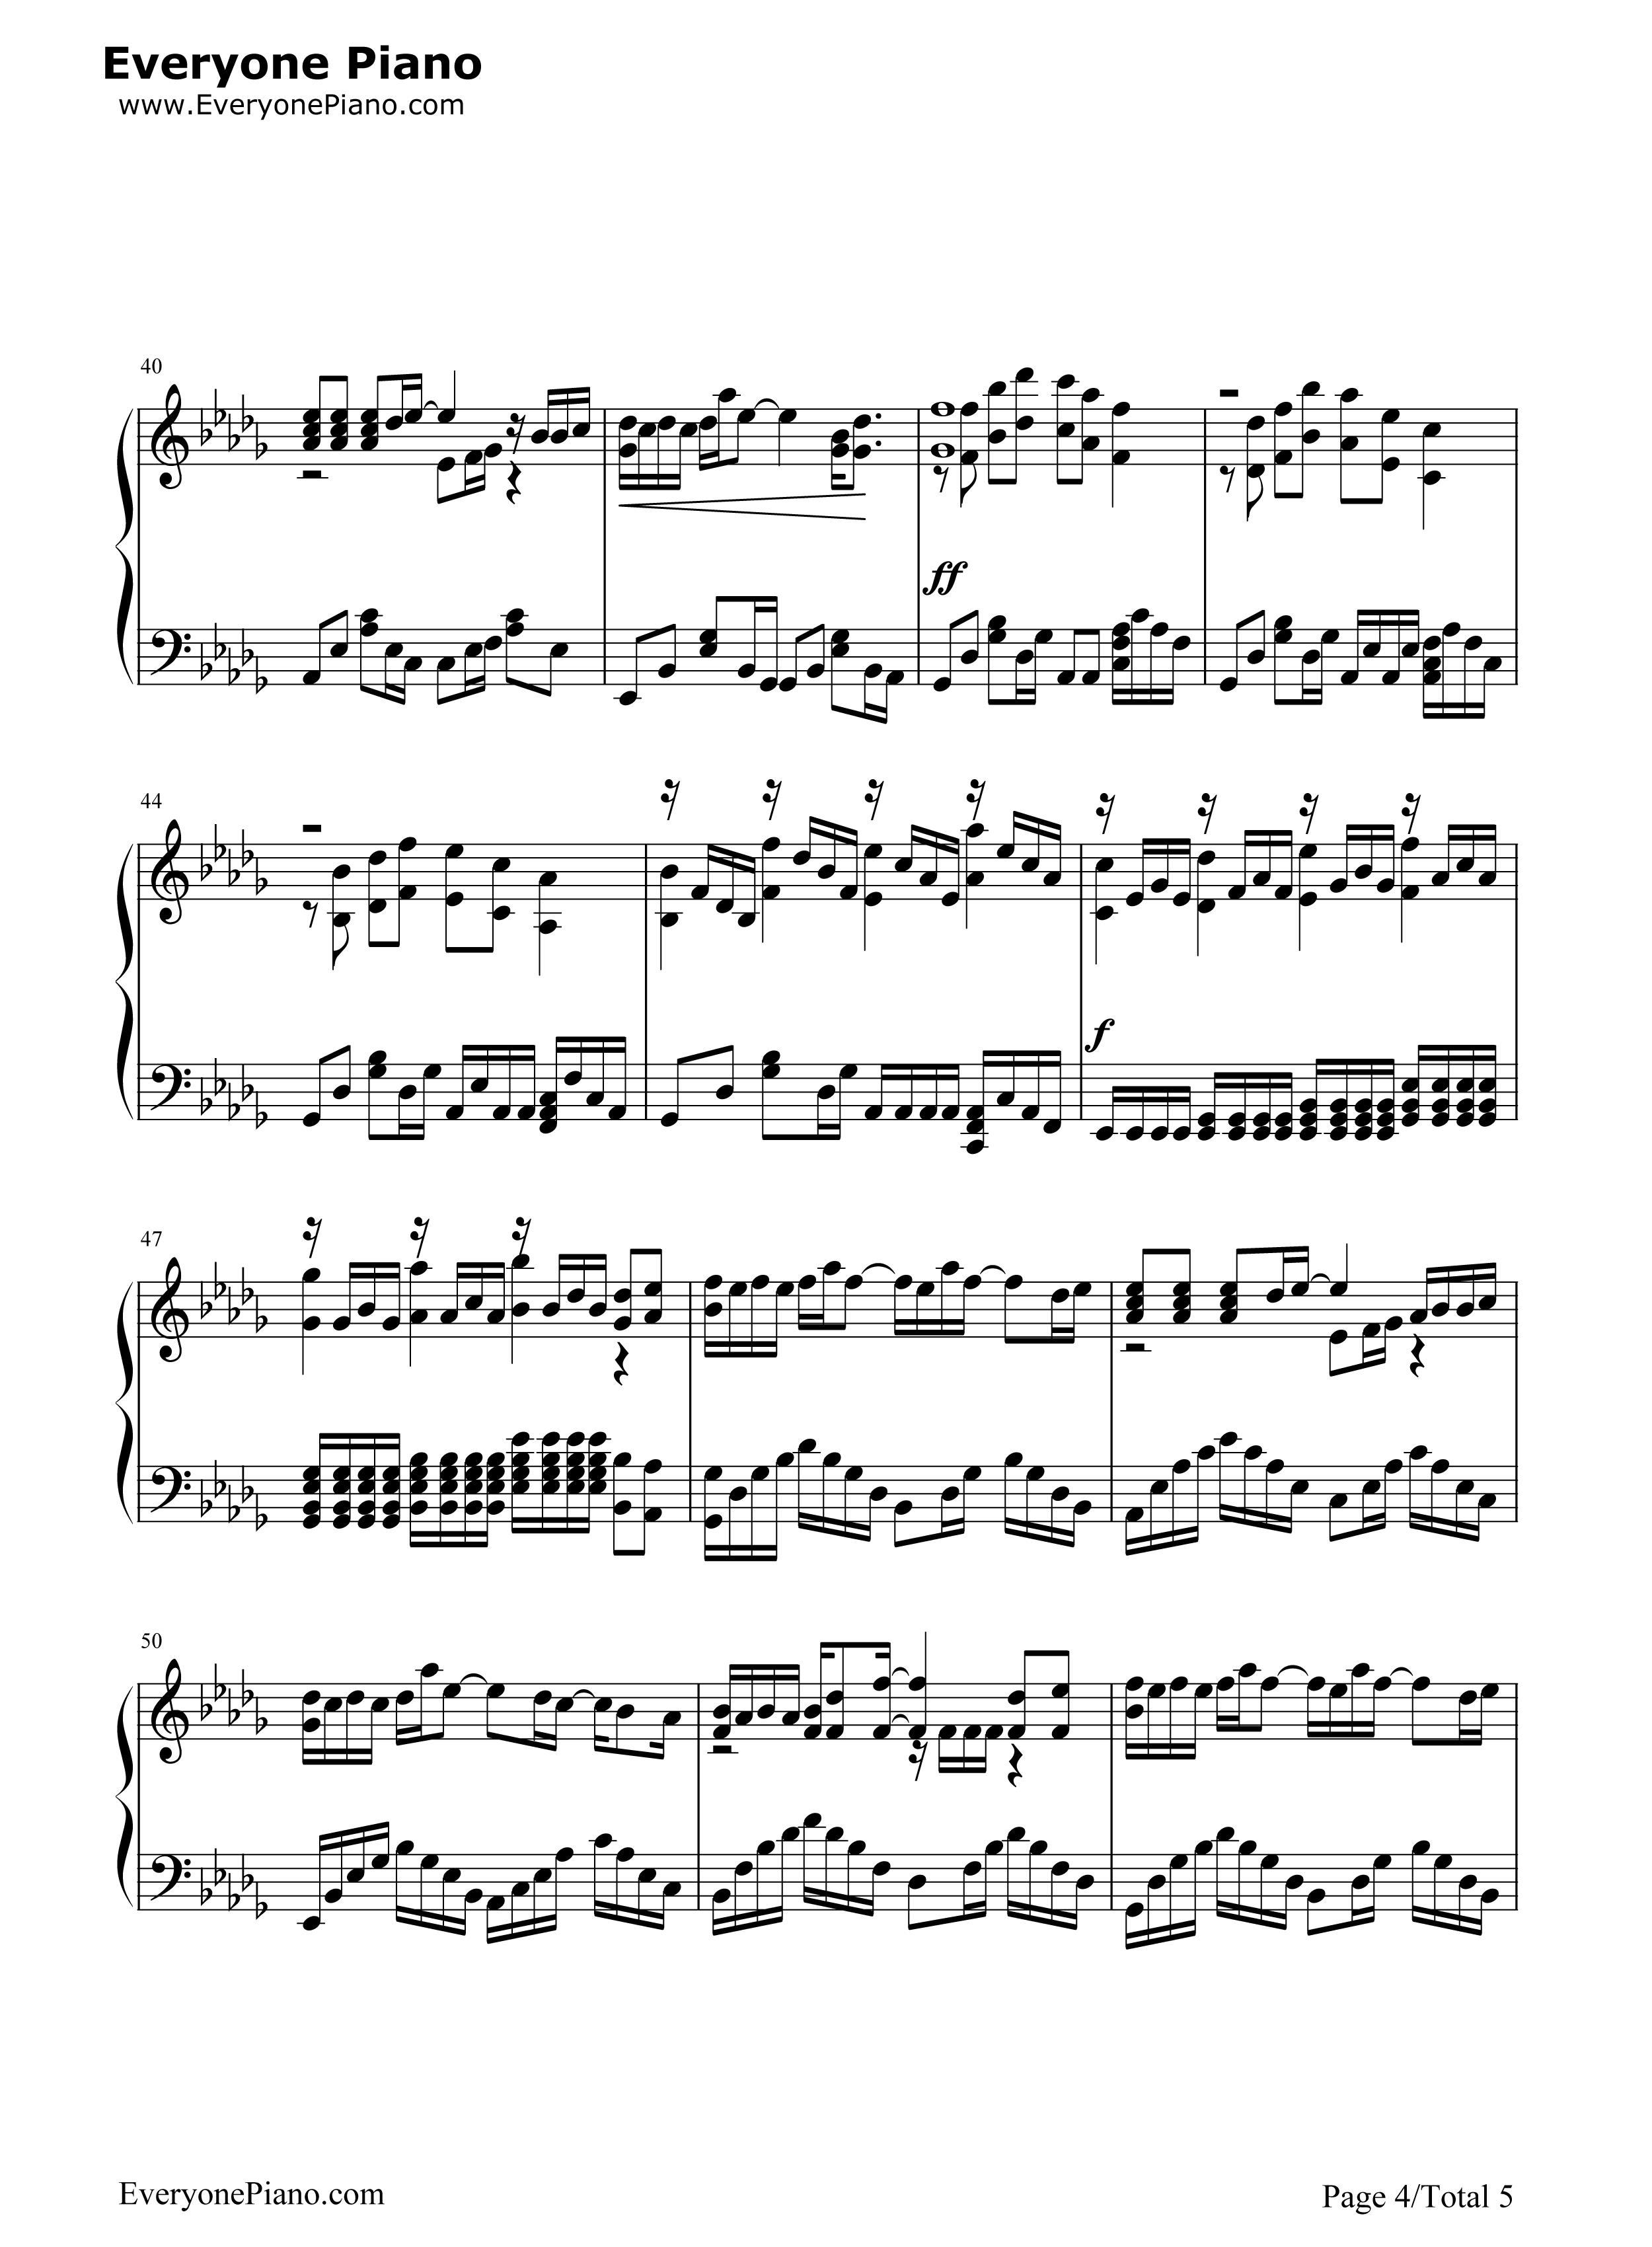 钢琴曲谱 流行 丑八怪-完整版 丑八怪-完整版五线谱预览4  }  仅供